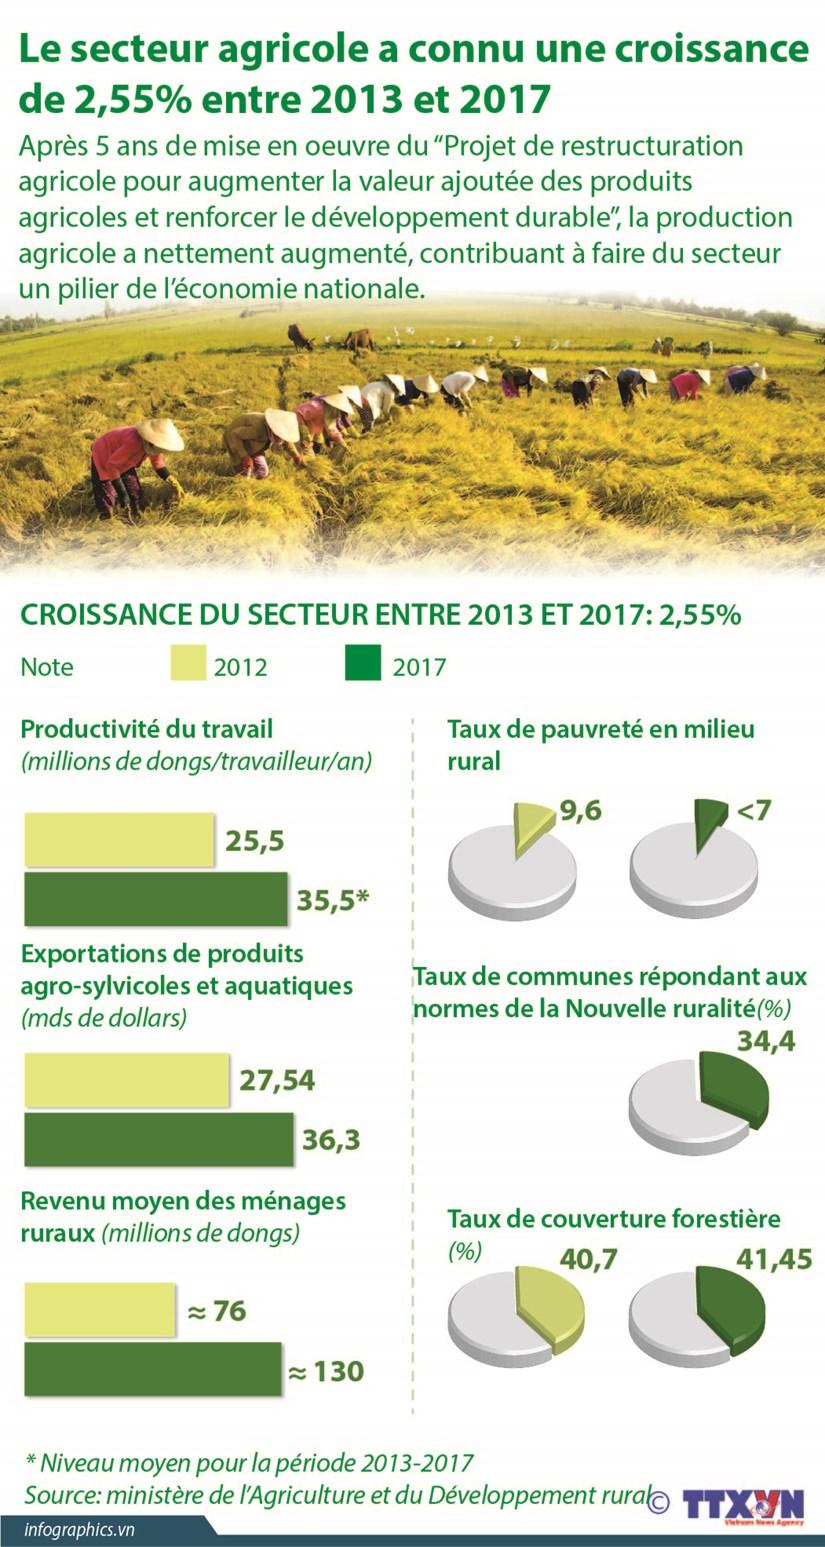 Le secteur agricole a connu une croissance de 2,55% entre 2013 et 2017 hinh anh 1